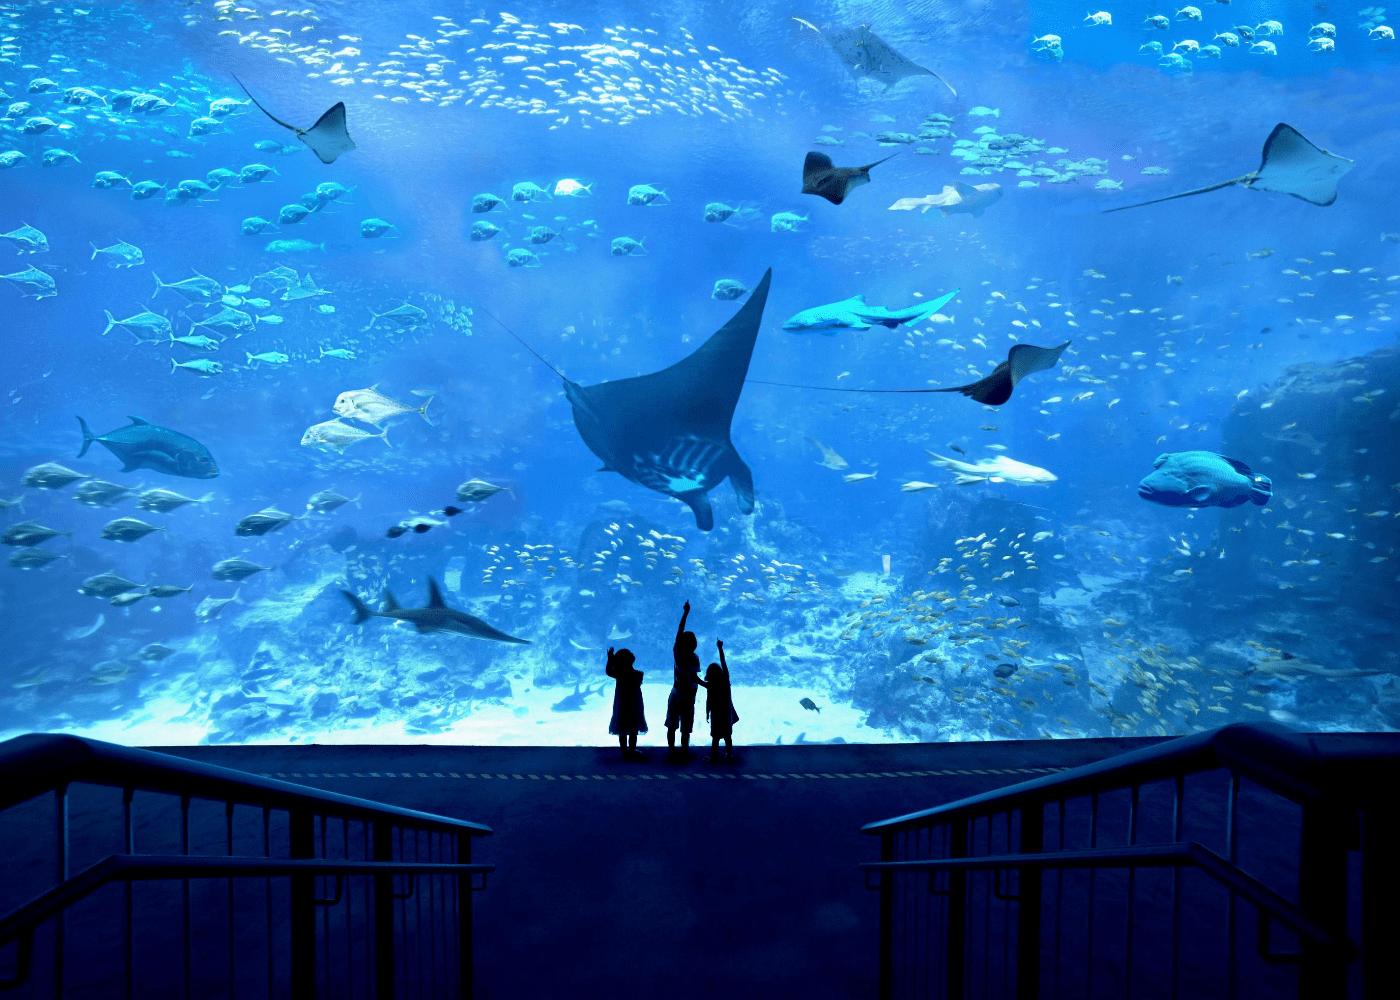 S.E.A Aquarium 2020 promos